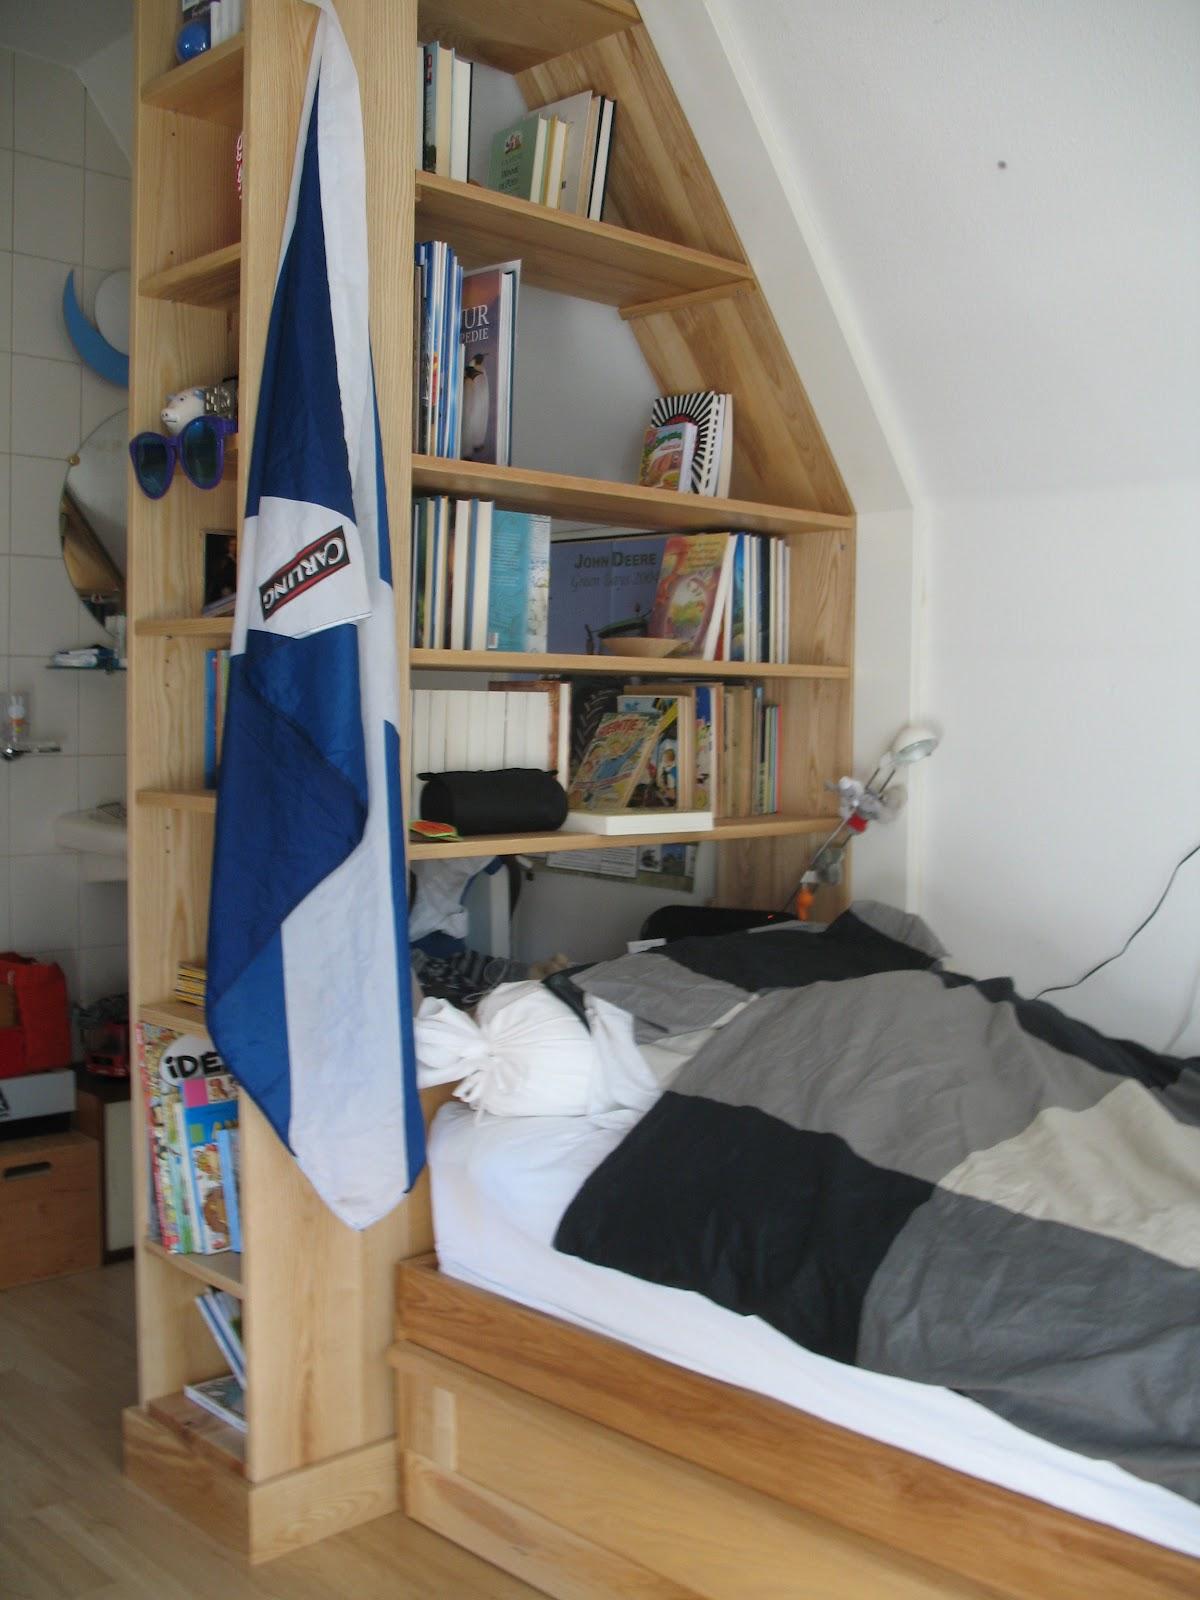 een bed en een boekenkast voor een jongenskamer essenhout geolied de slaapkamer ligt onder de kap waardoor de wanden vanaf 140 m hoogte de kamer binnen